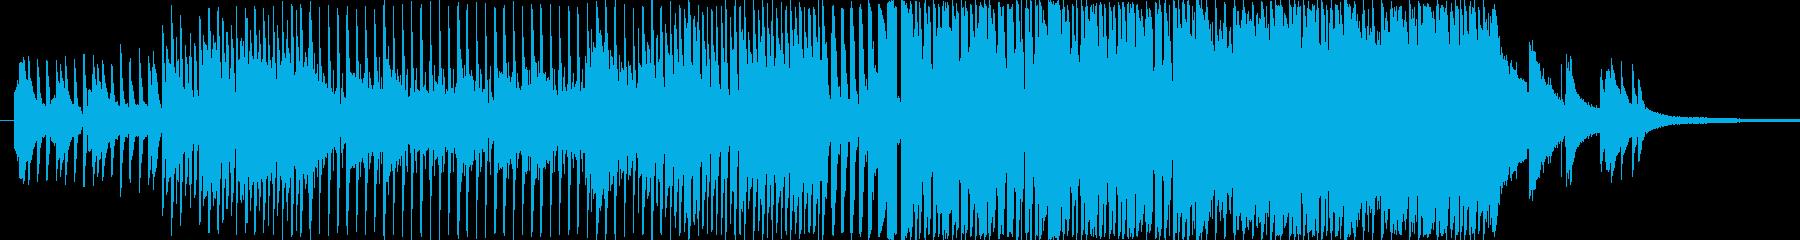 前向きで明るめのピアノインスト映像用の再生済みの波形